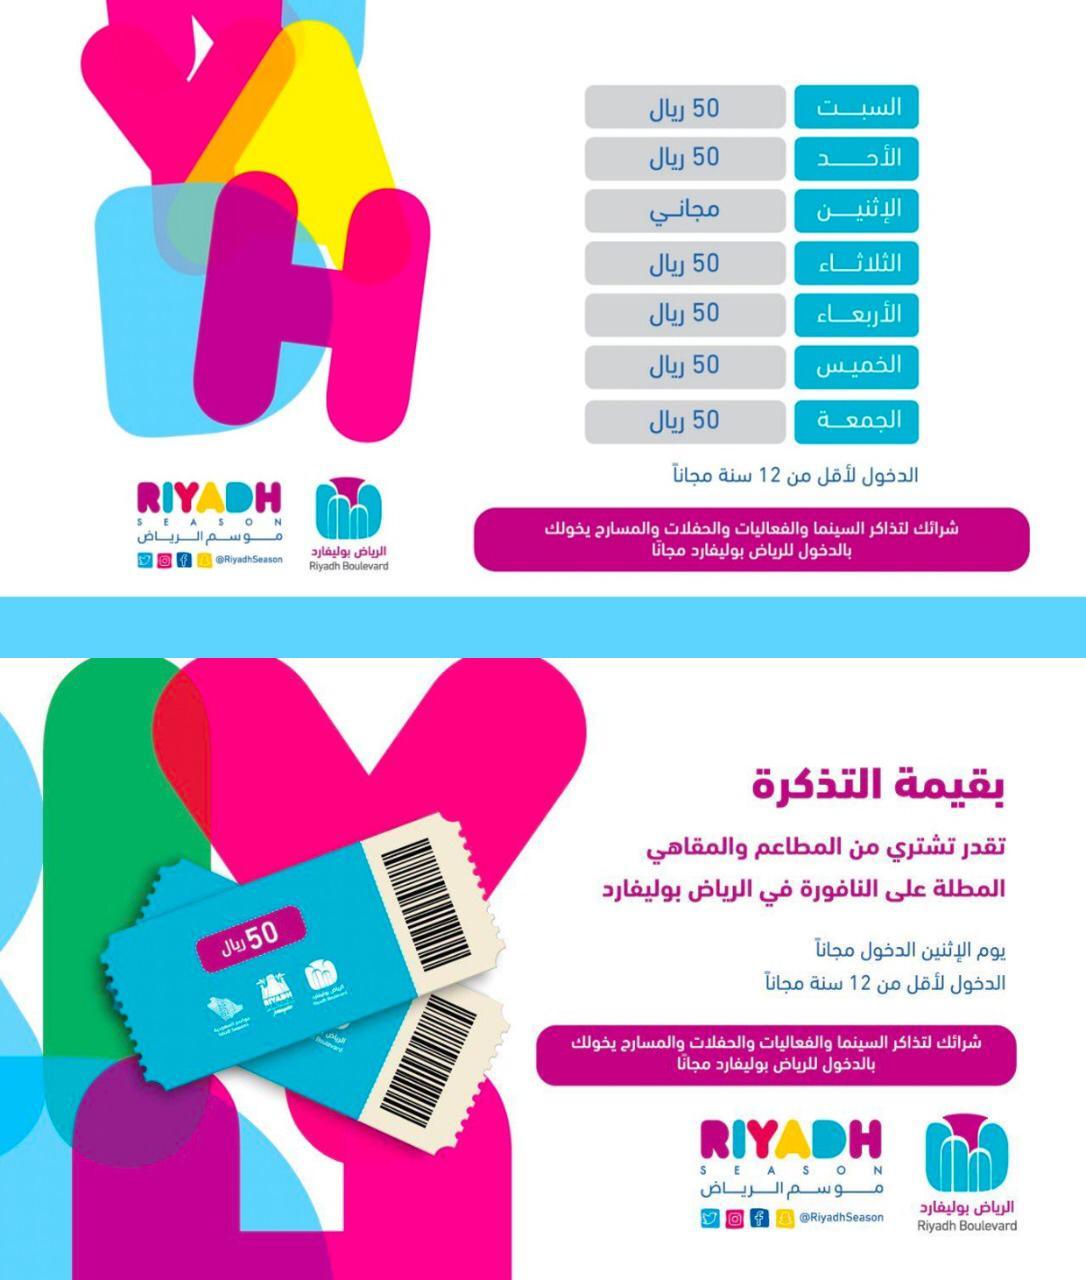 رابط حجز تذاكر سفاري الرياض 5